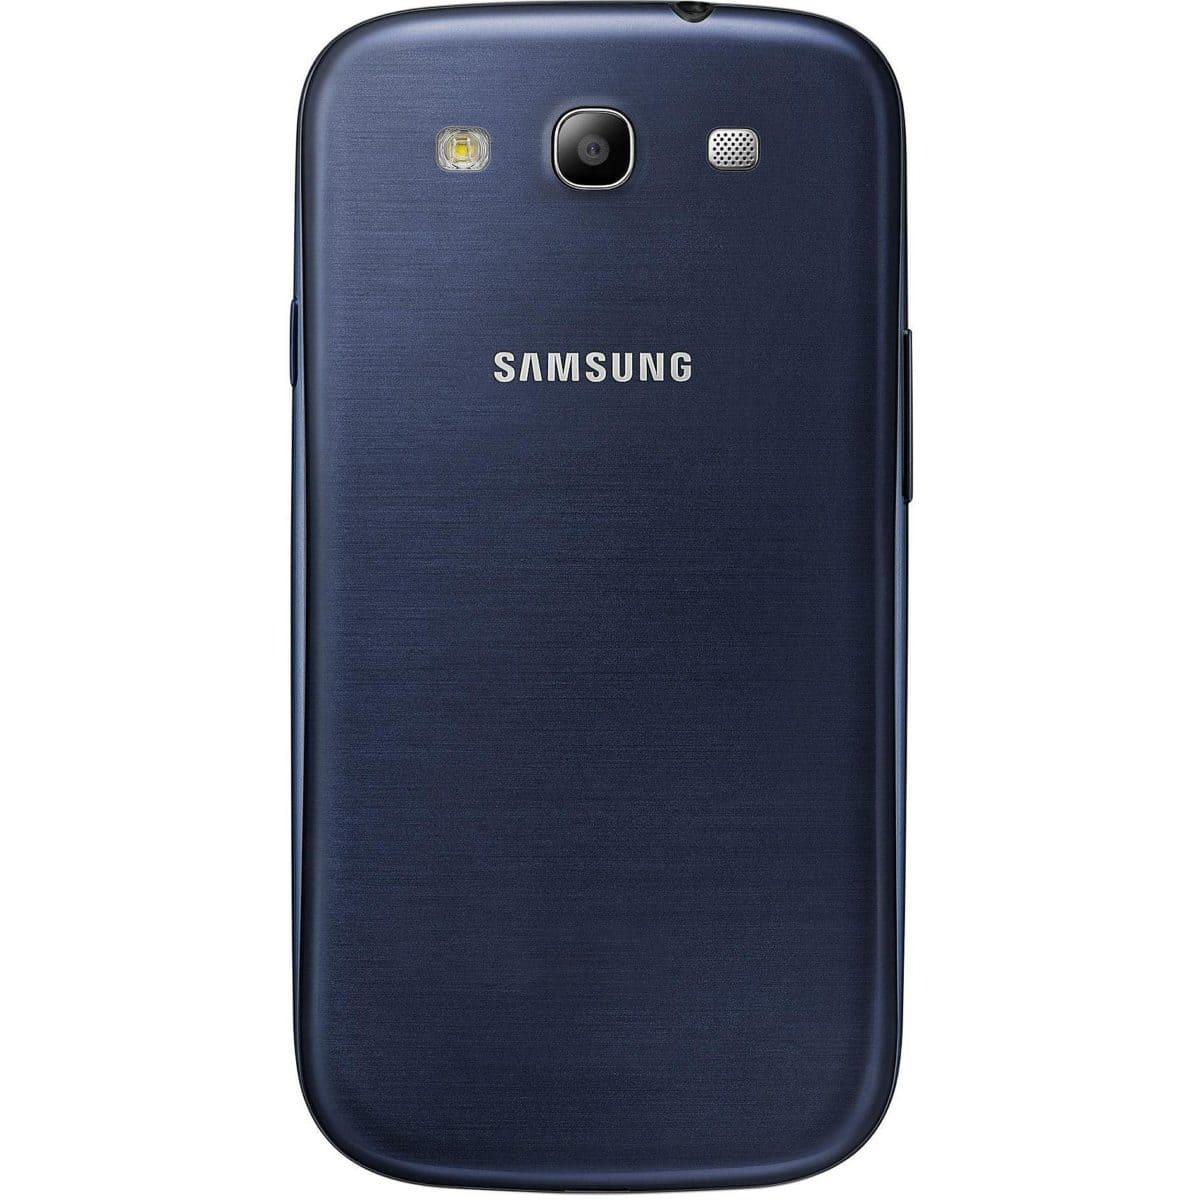 Samsung Galaxy S3